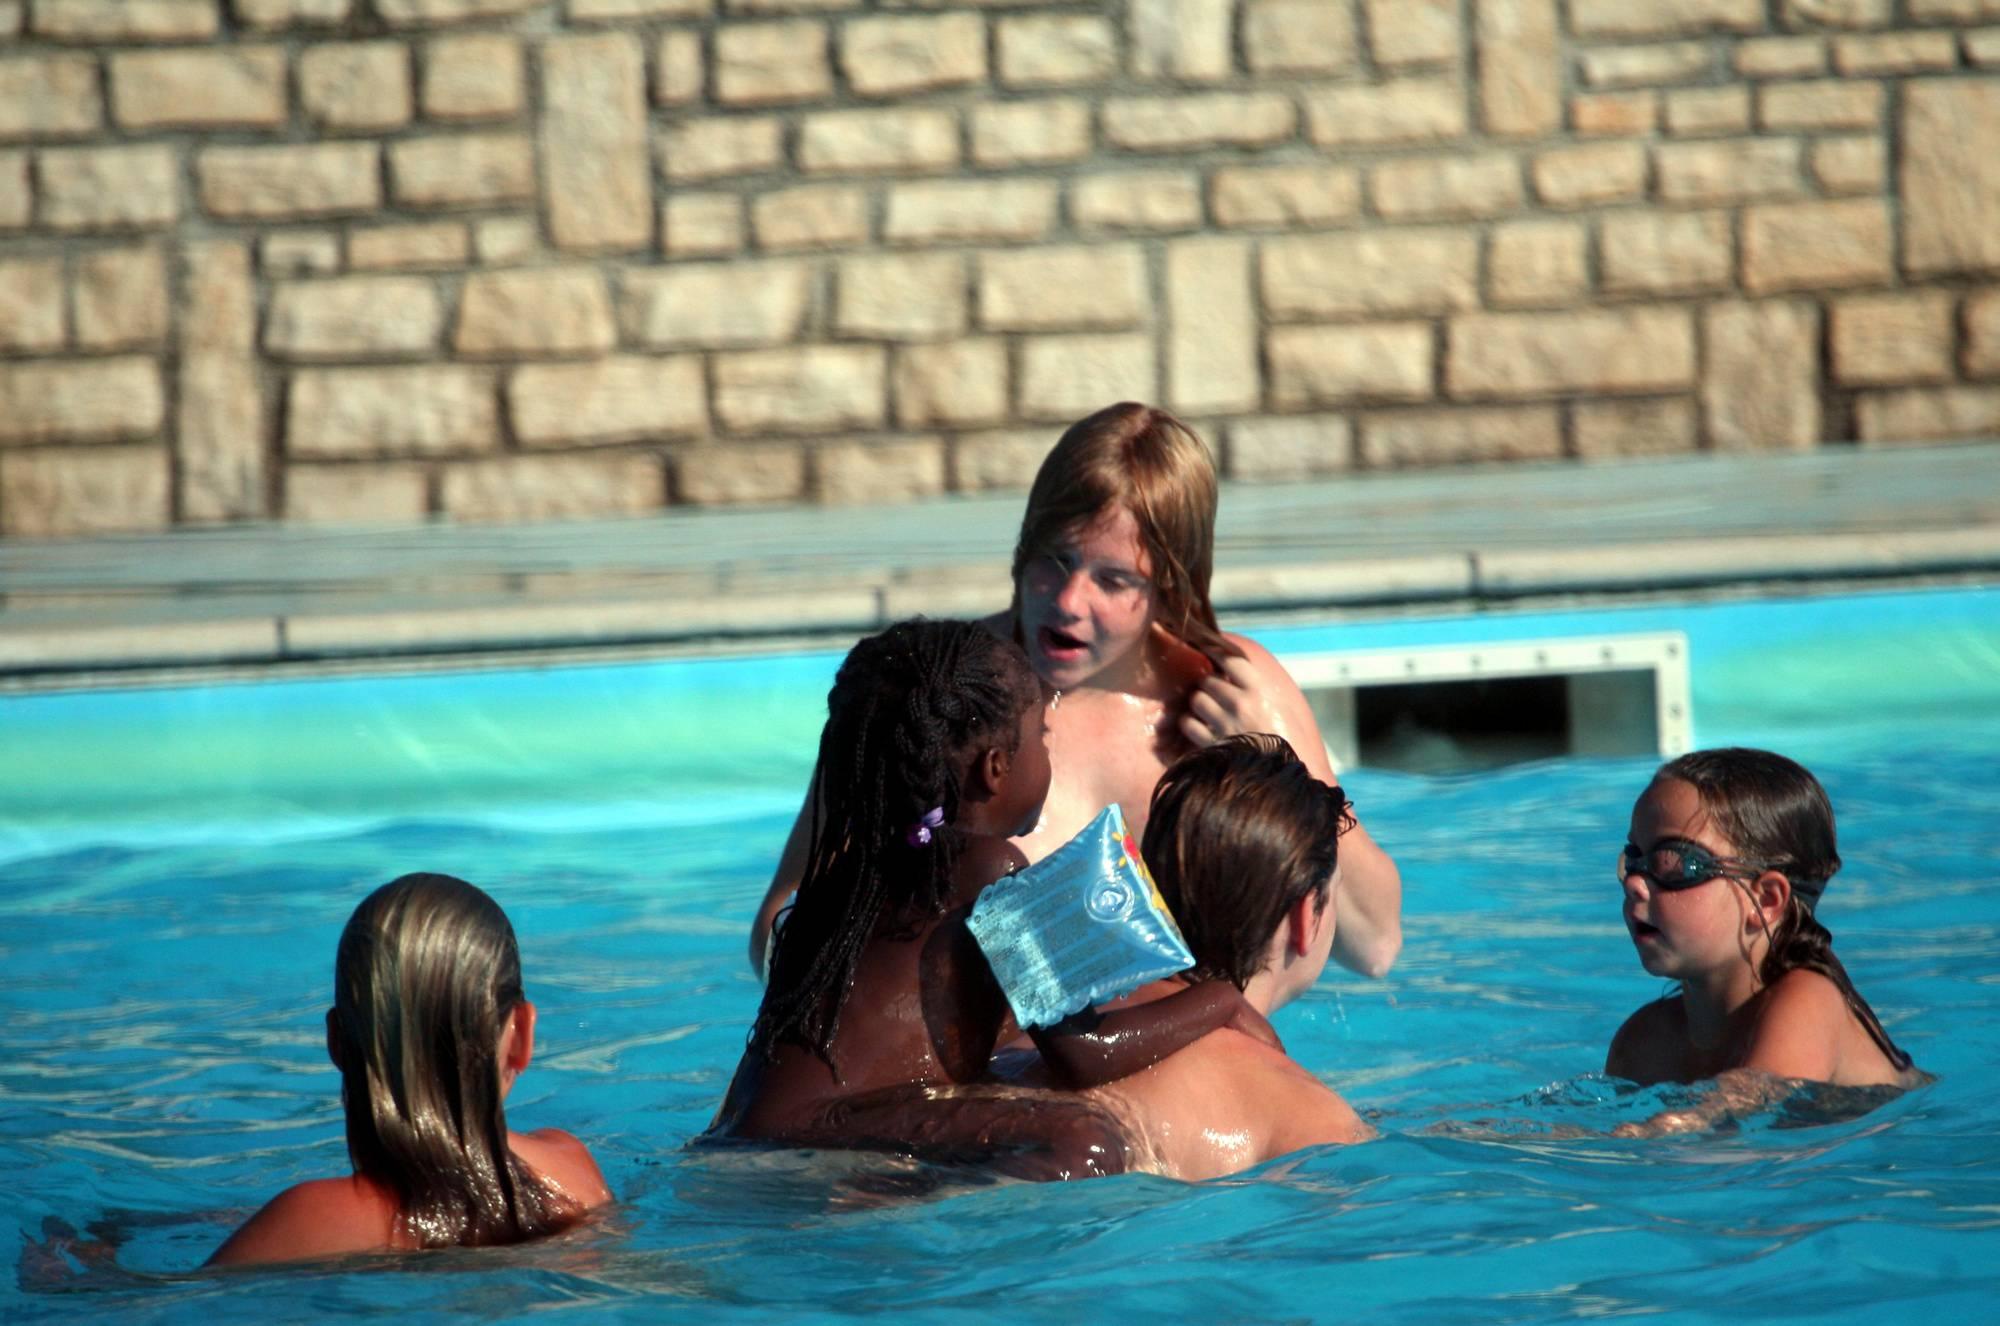 Nudist Pool In-Water Shots - 2